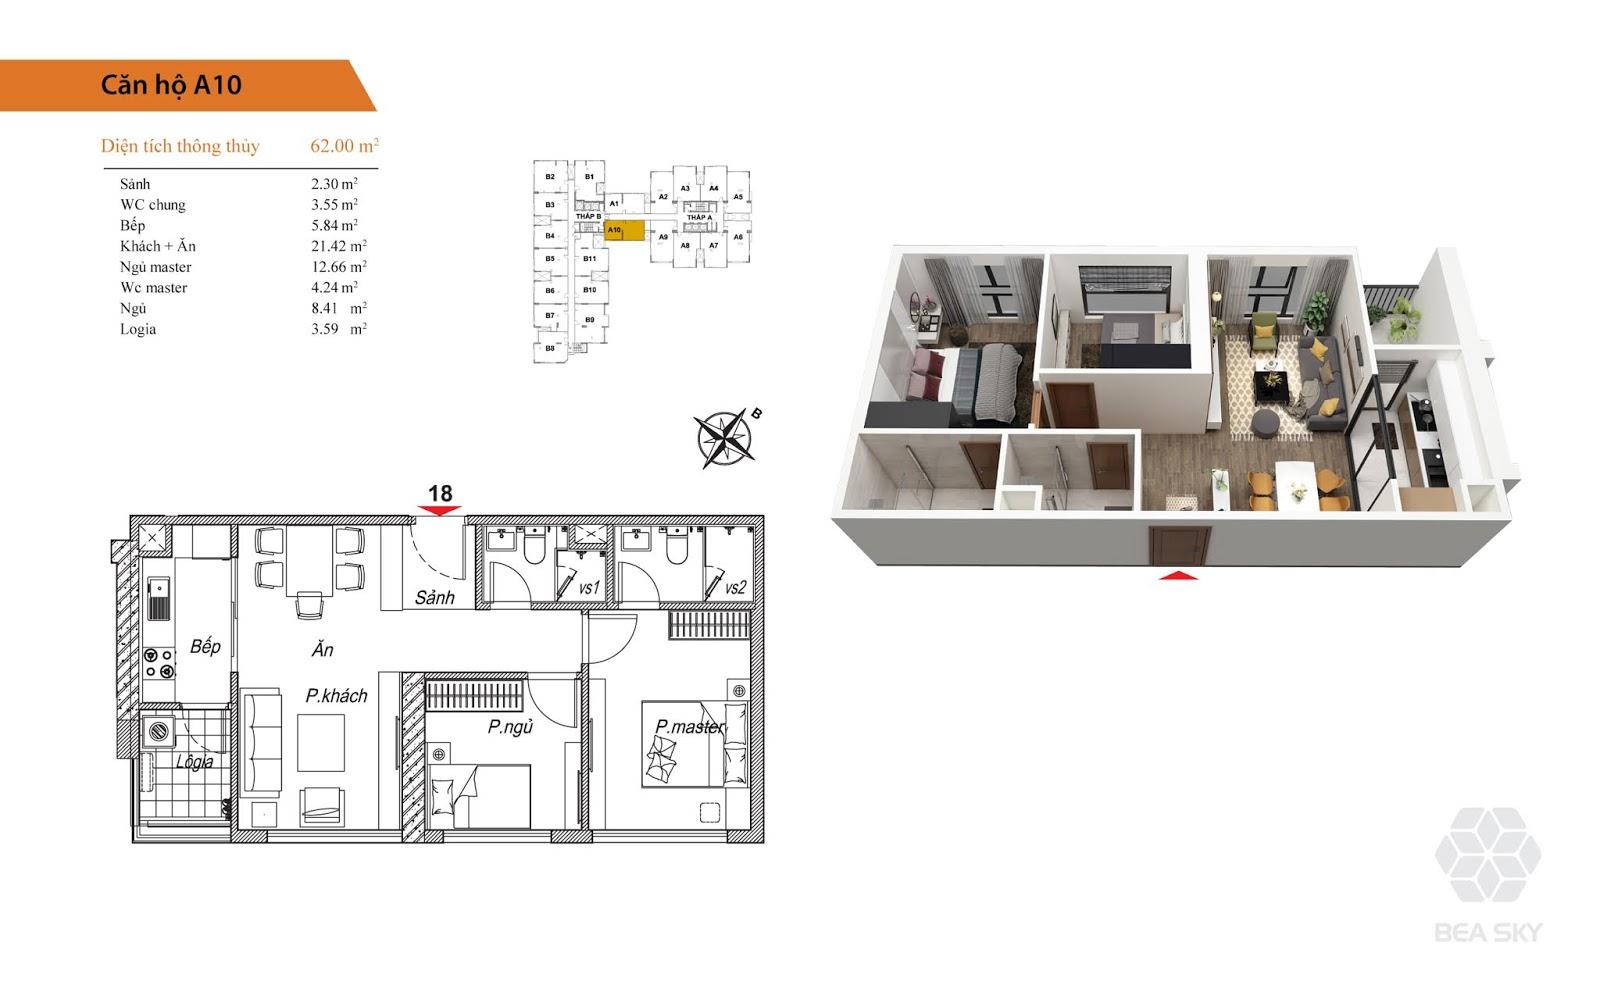 Thiết kế căn A10 chung cư Bea Sky Nguyễn xiển